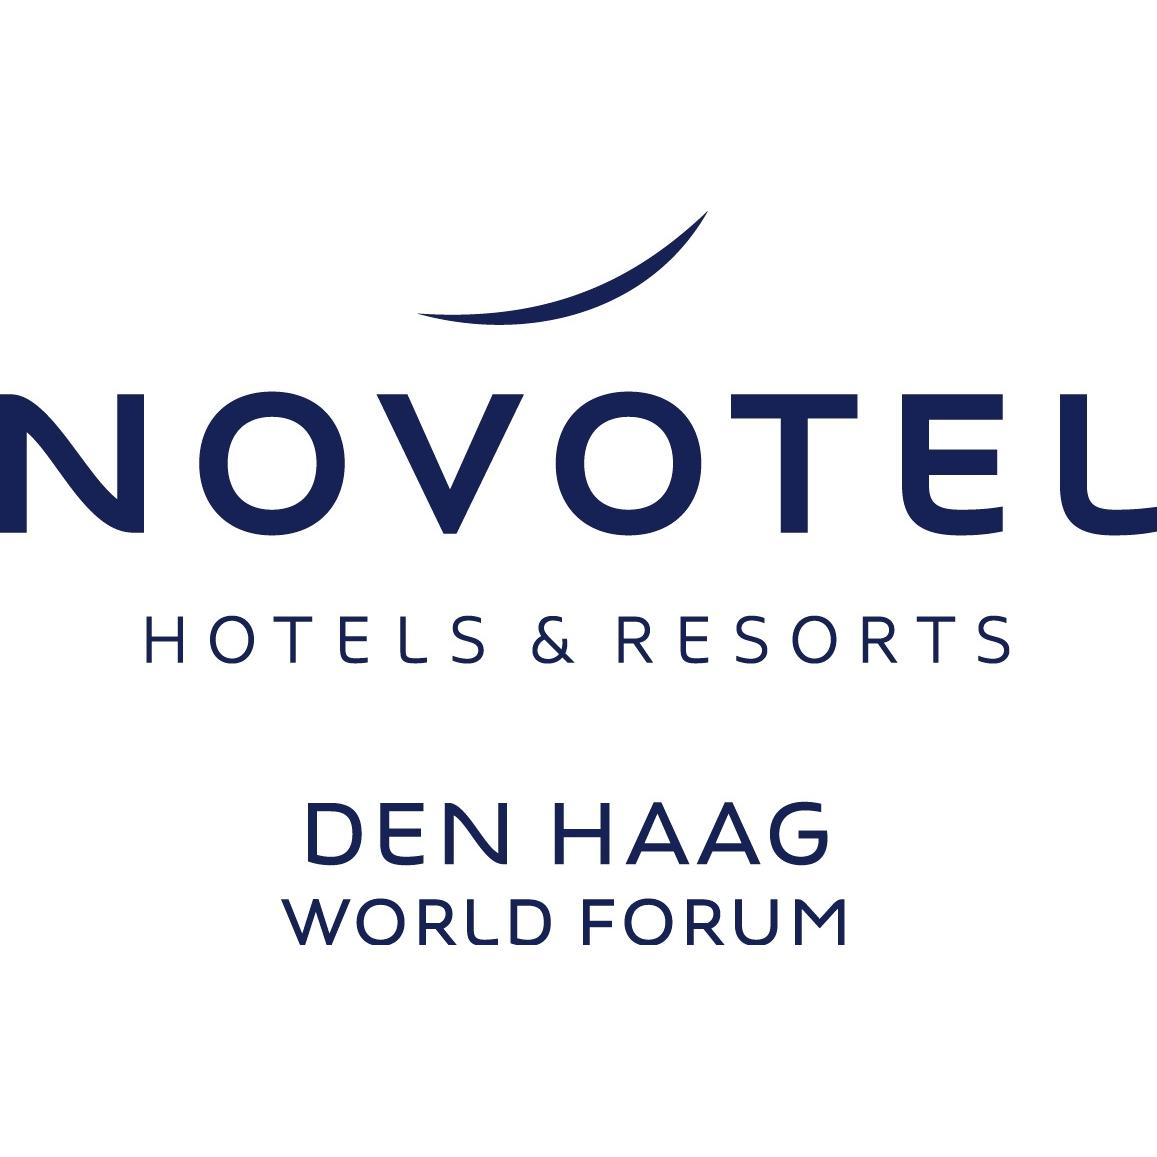 Novotel Logo DenHaagWorldForum